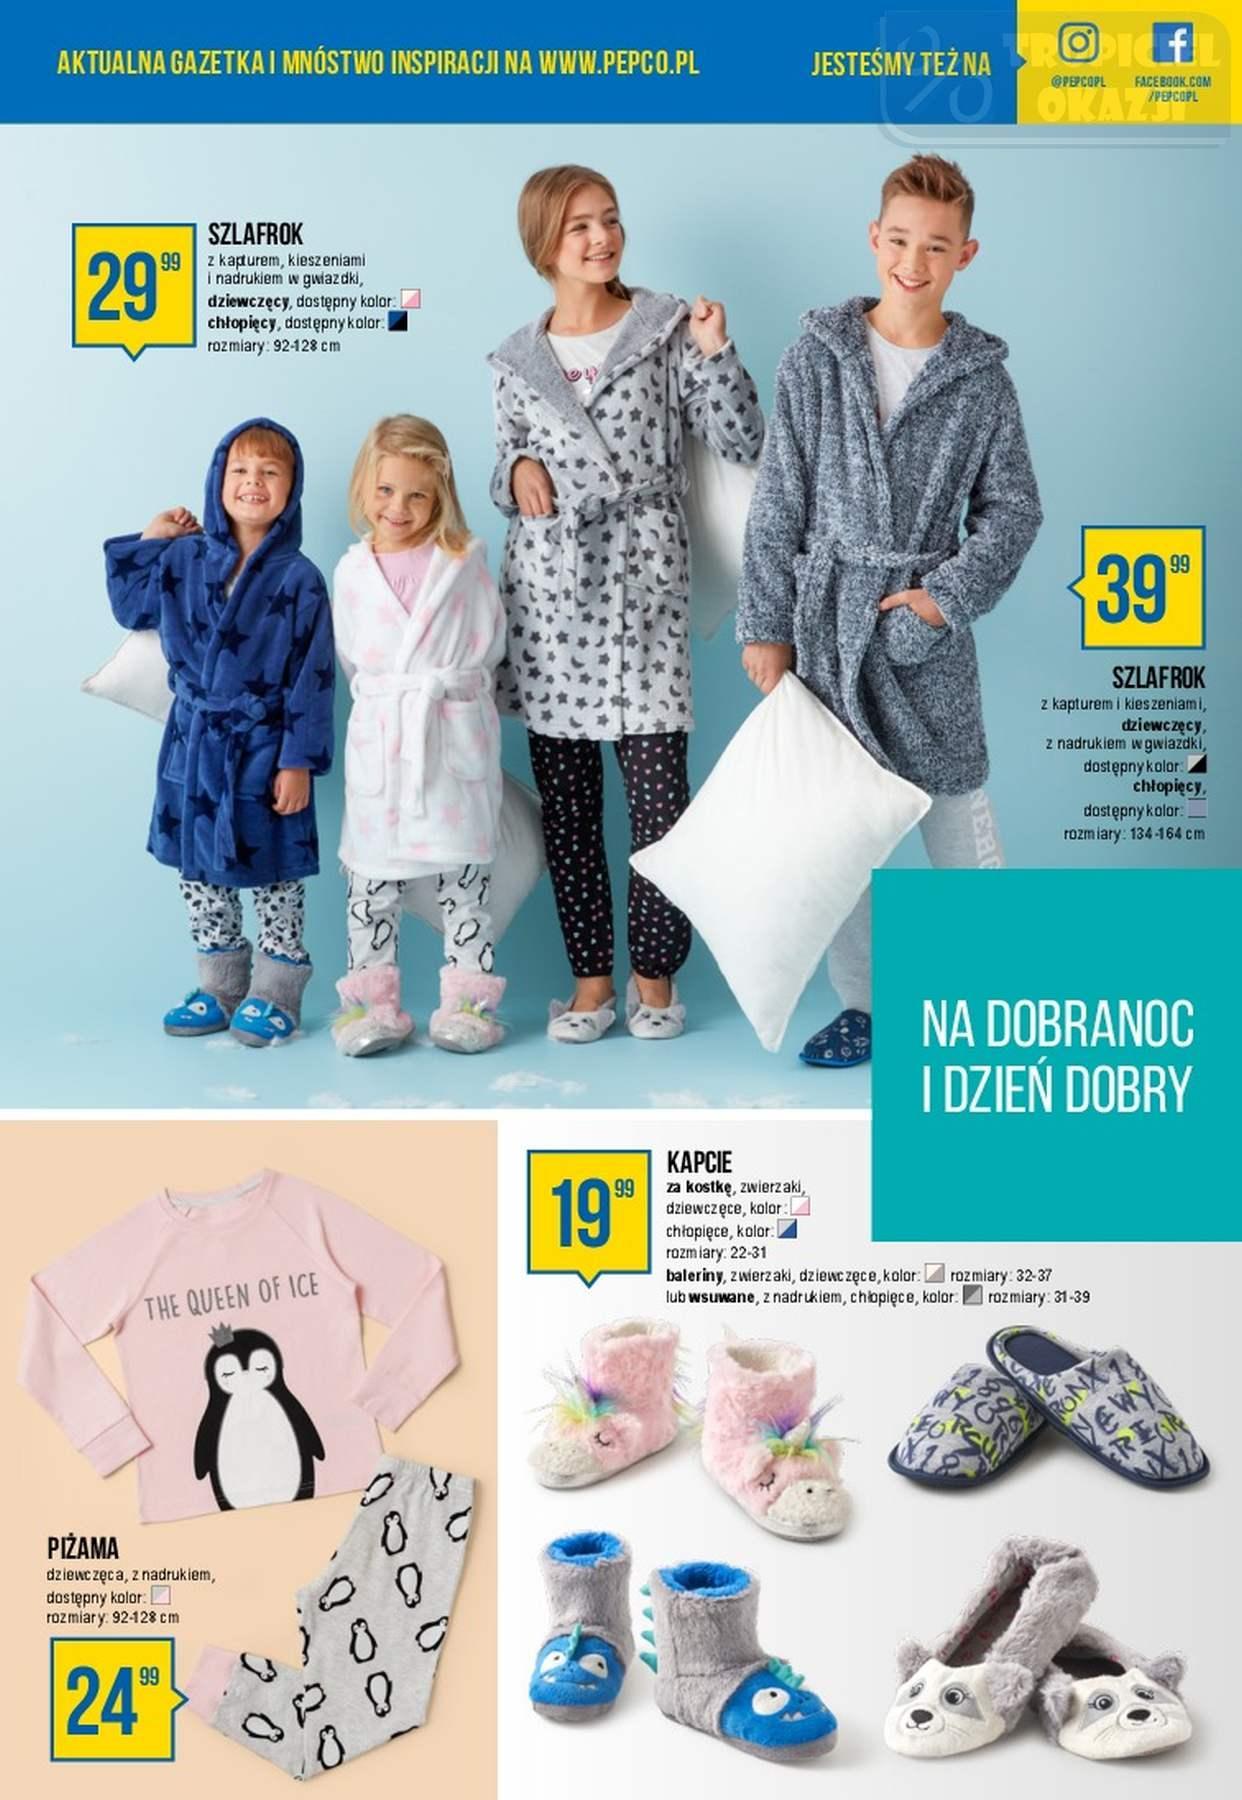 Gazetka promocyjna Pepco do 08/11/2018 str.5